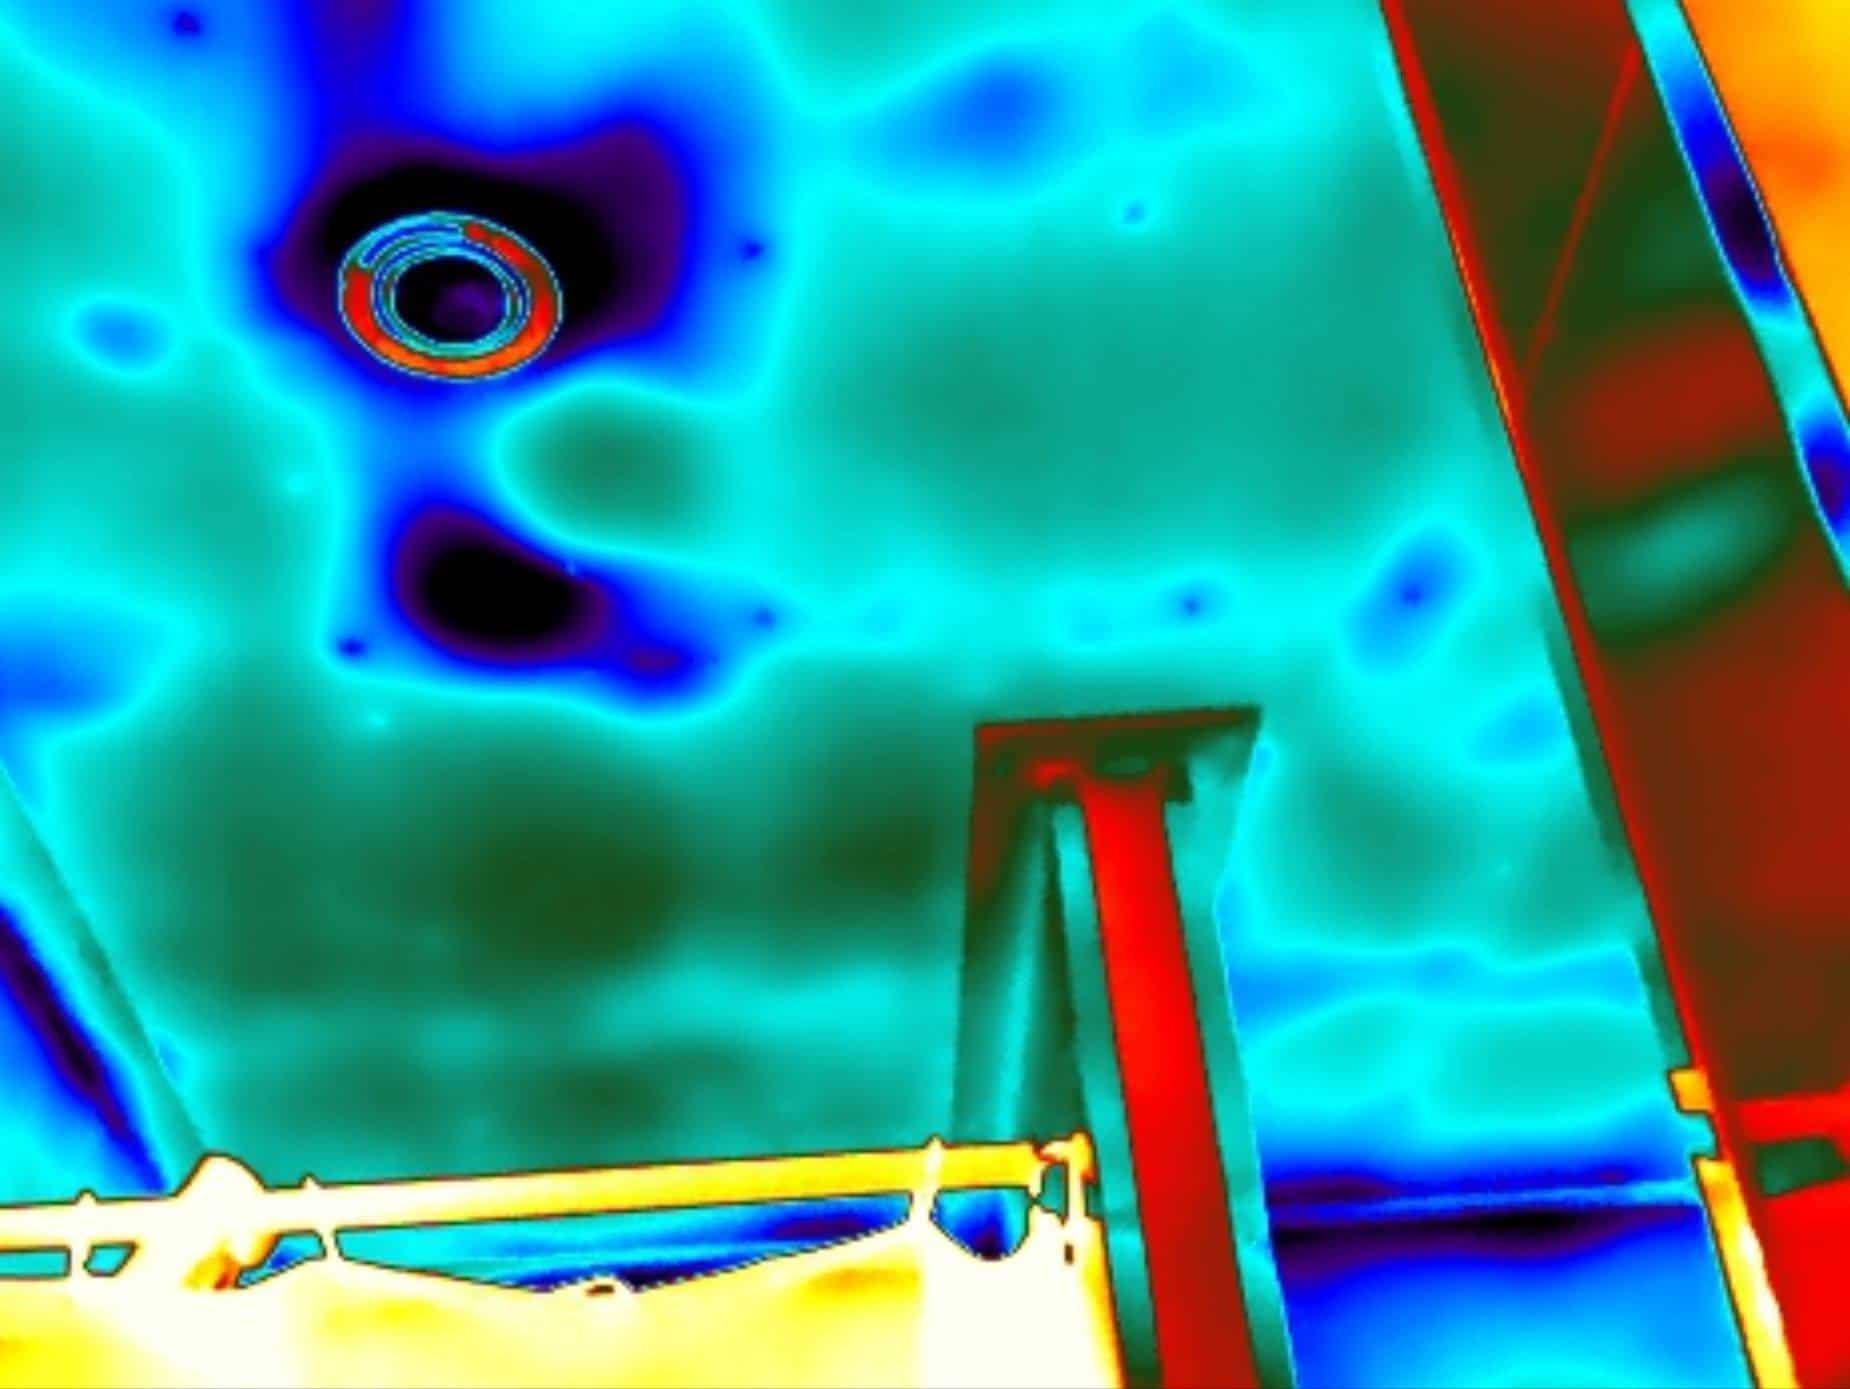 Thermografie maakt vochtproblemen zichtbaar.